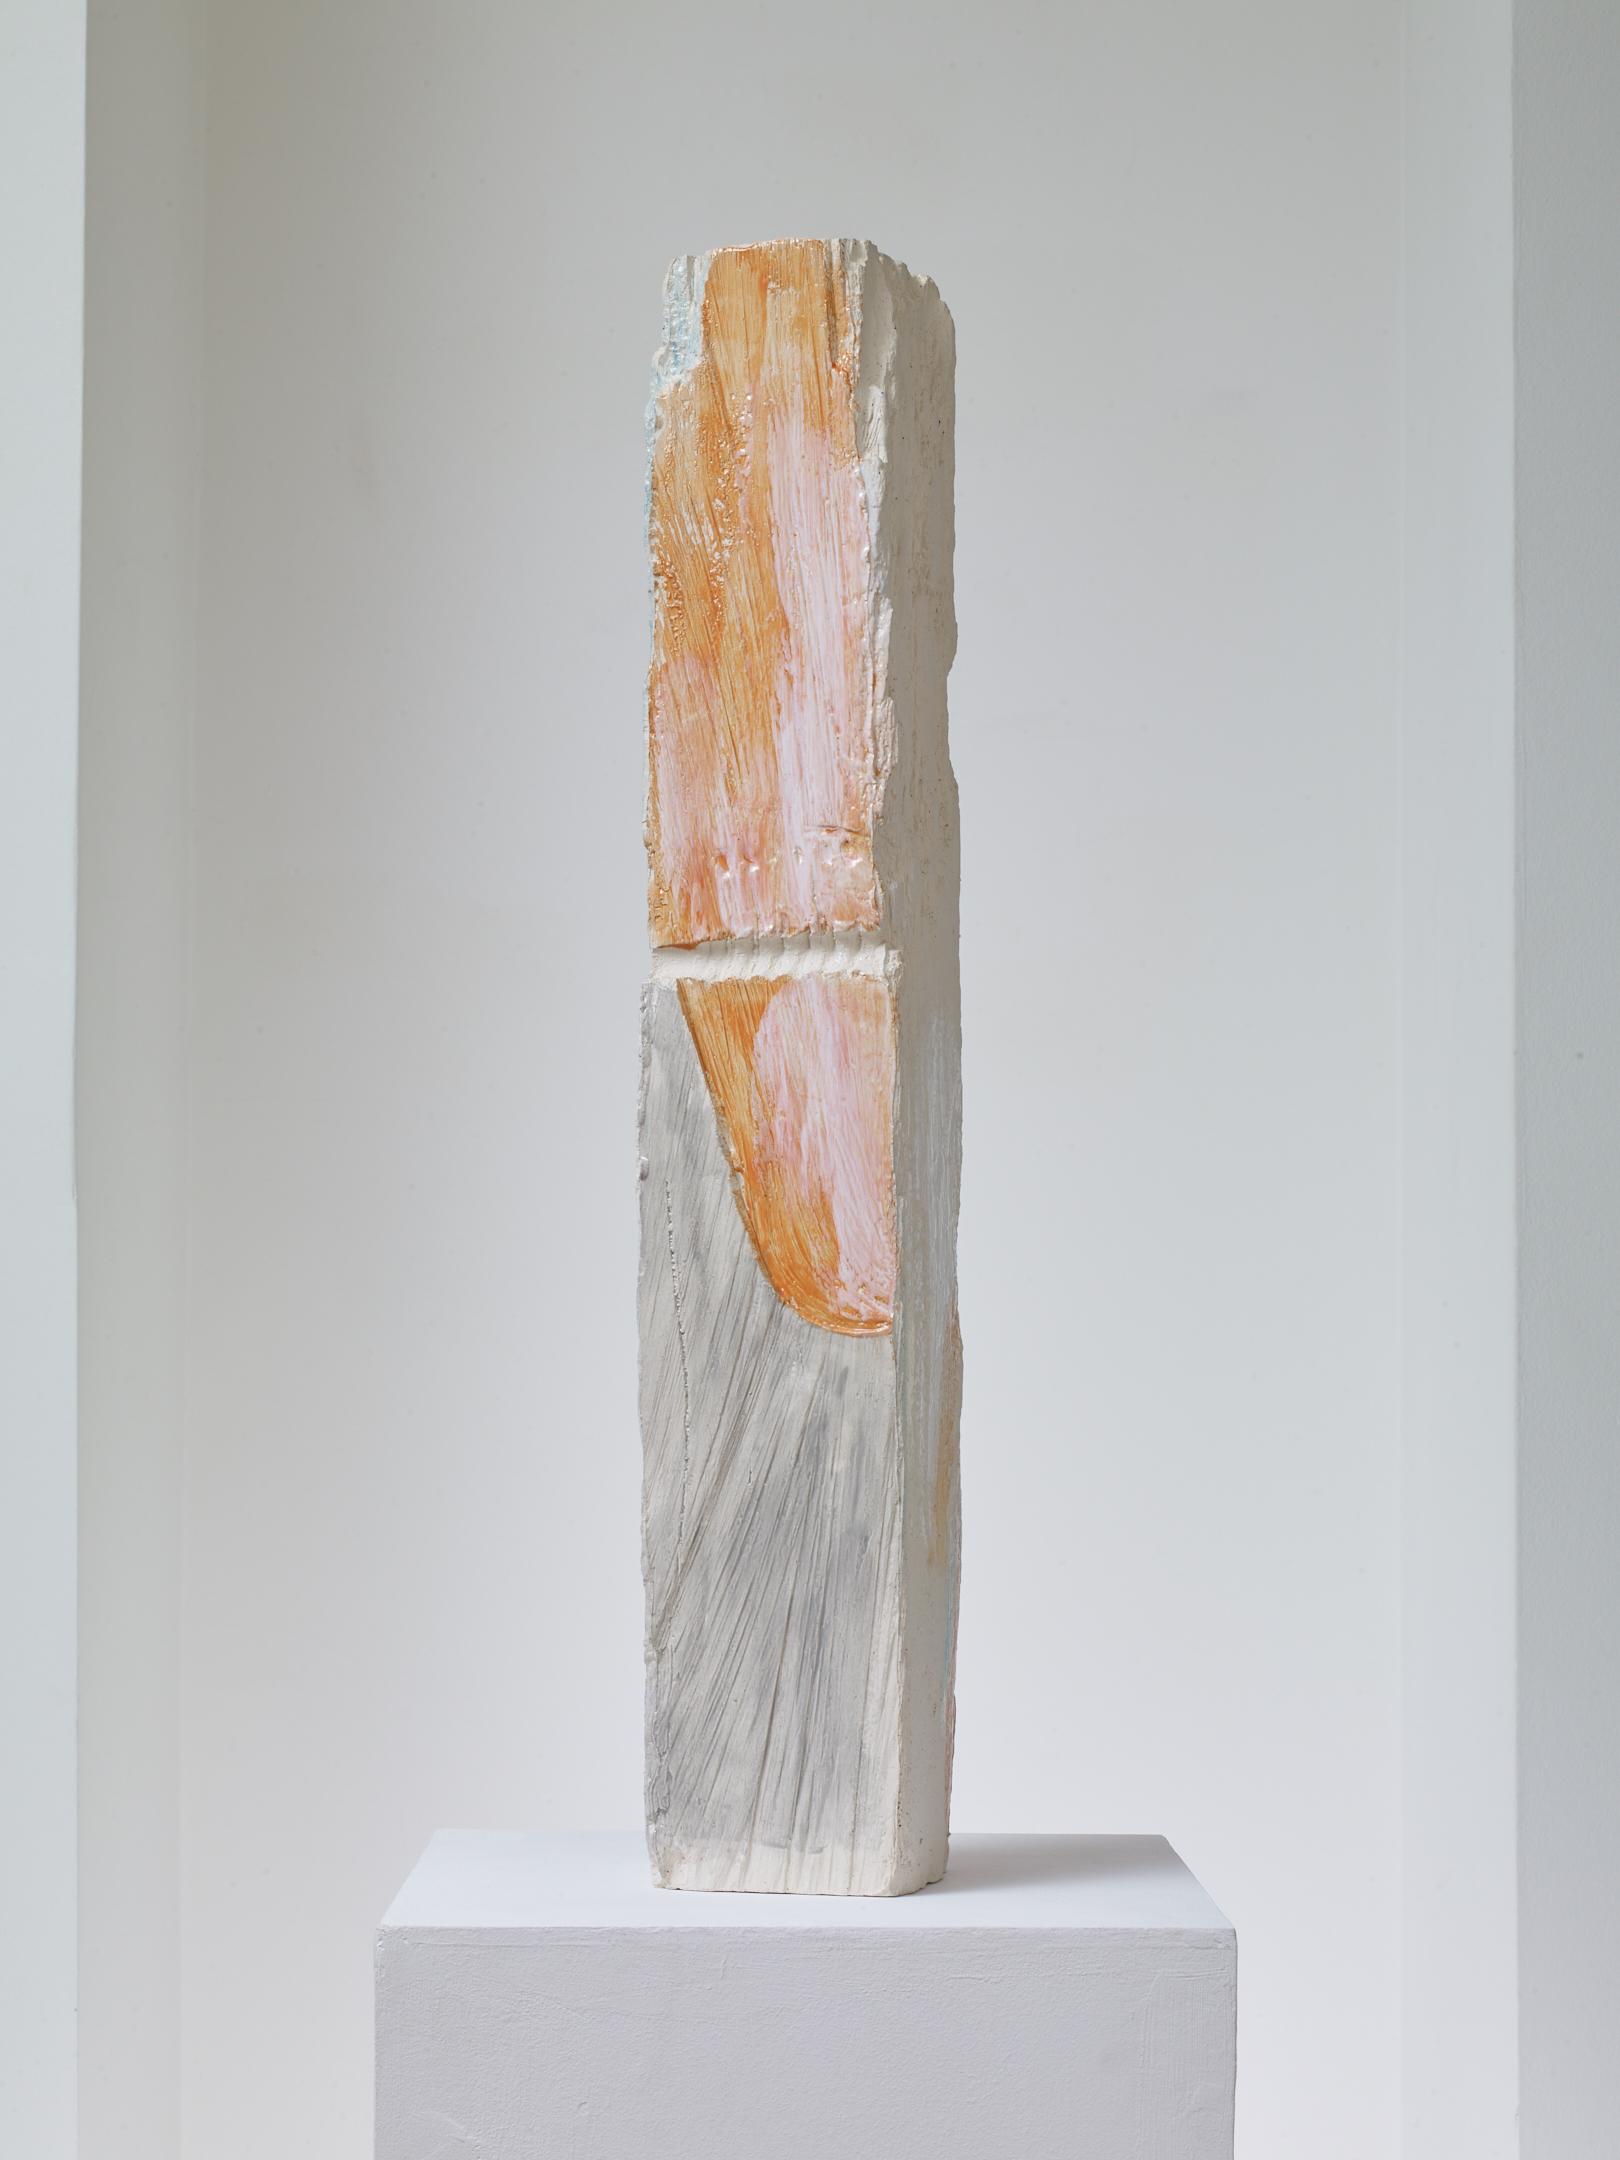 Jodie Carey  Untitled,  2019 Glazed ceramic 11 x 12 x 74 cm